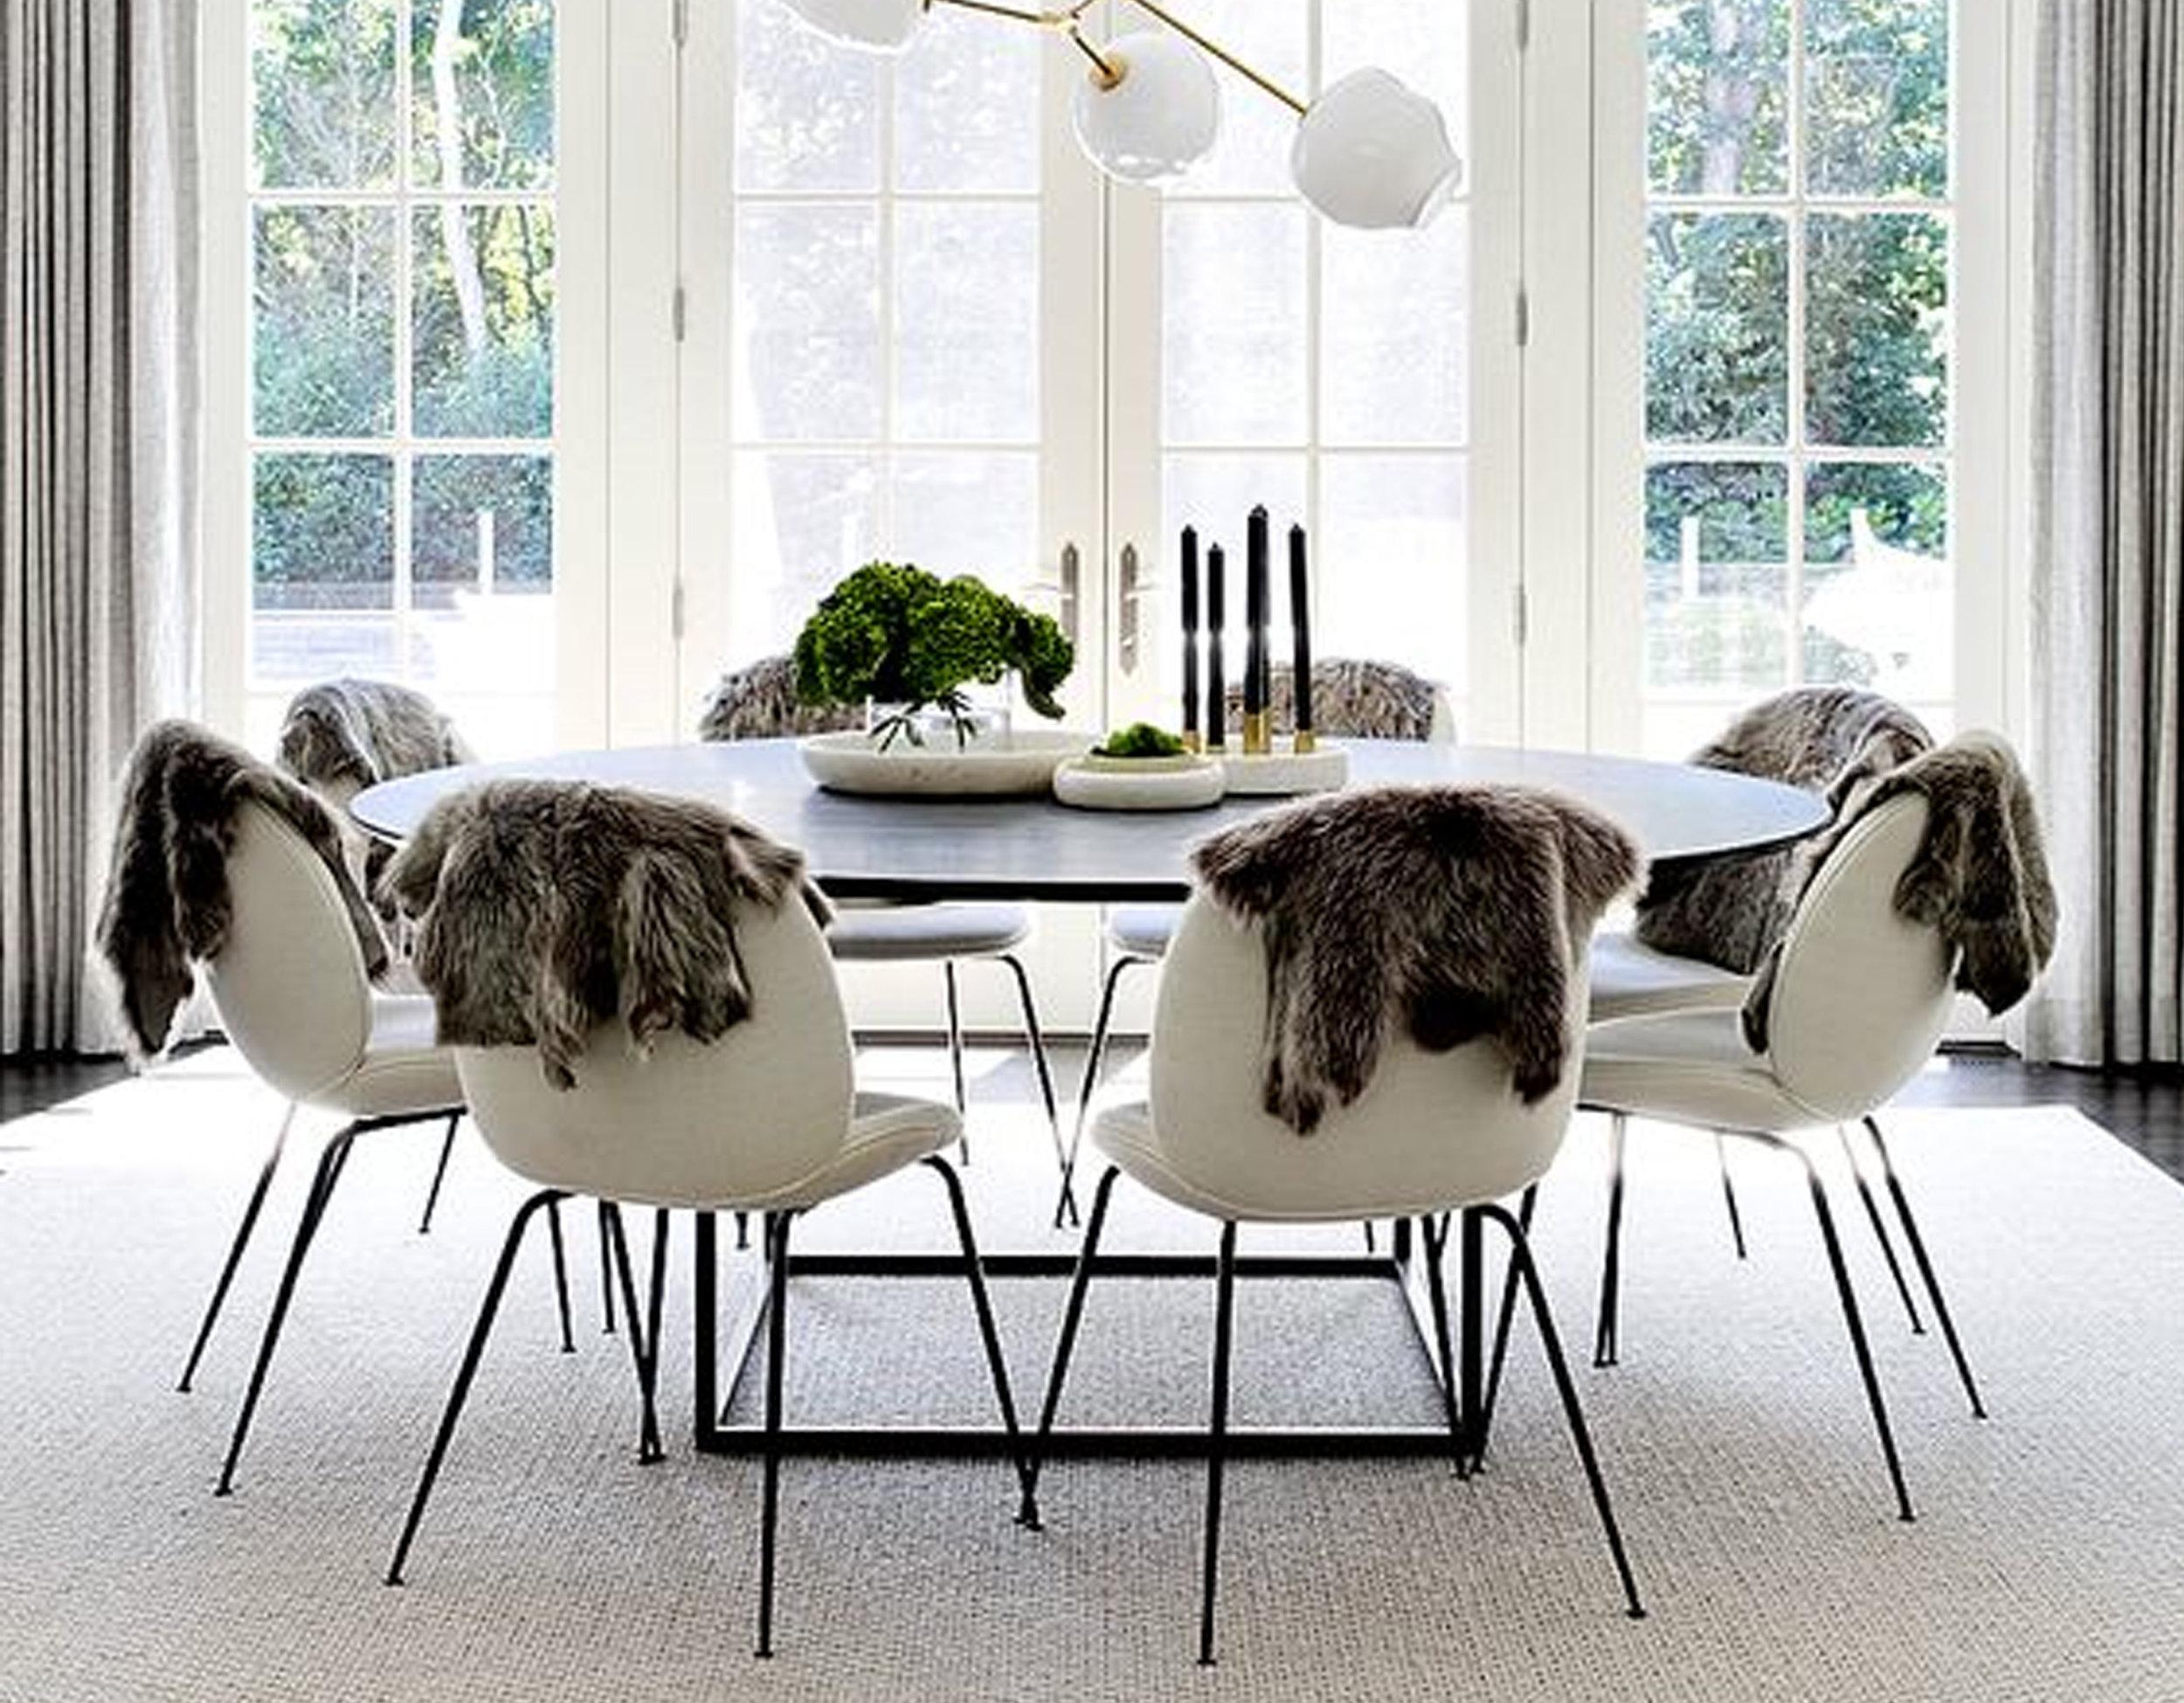 image dining room via  Cote de Texas